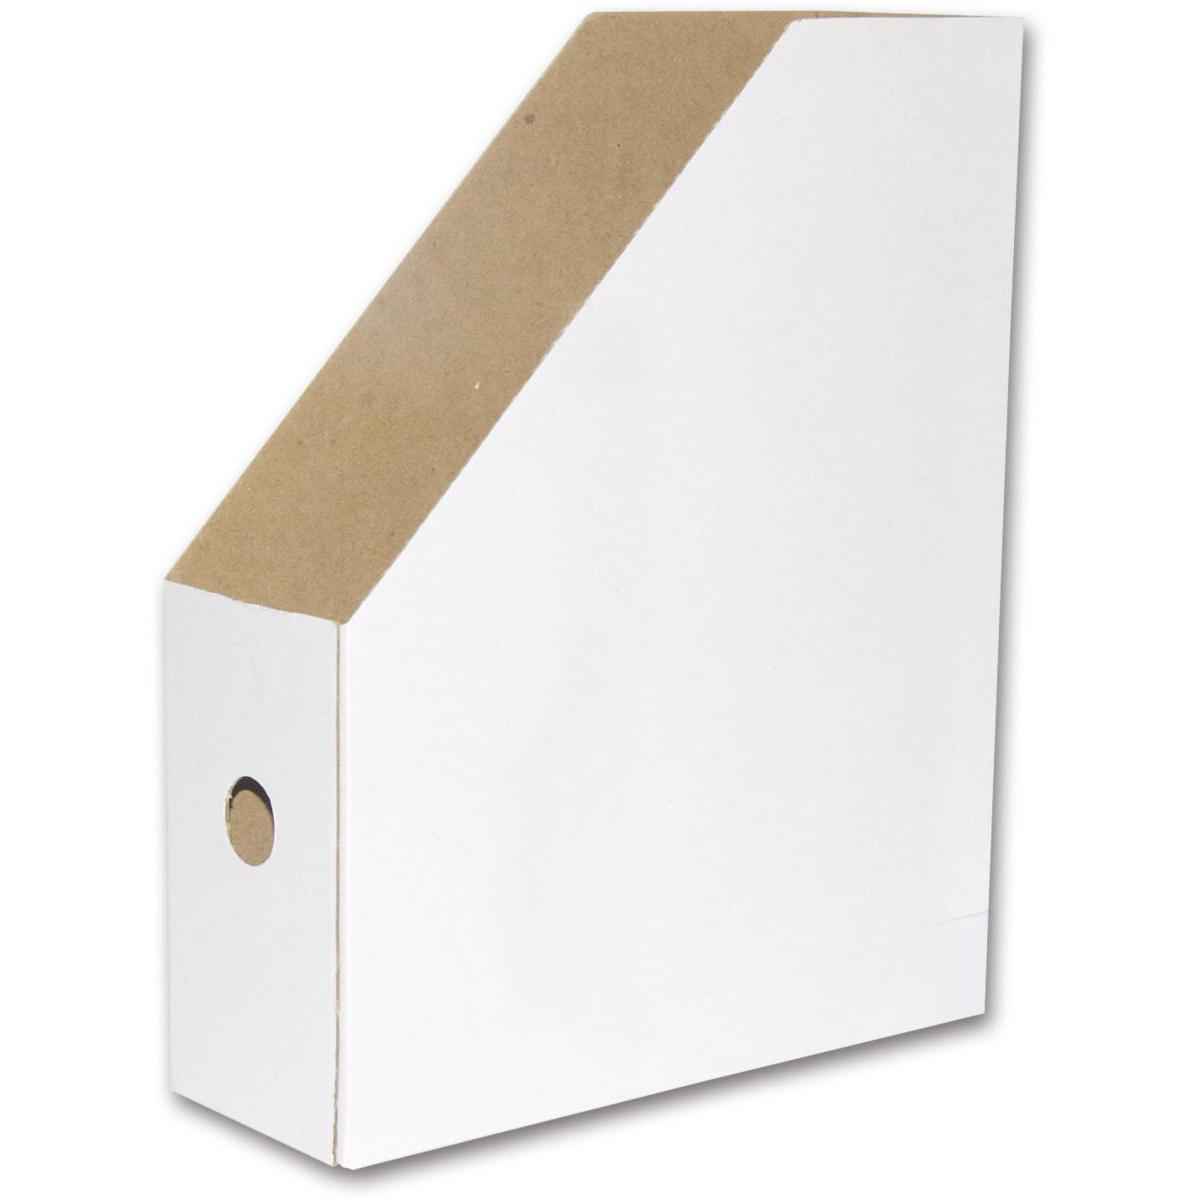 FIS FSOTMA4 Cardboard Magazine Holder - White (pc)